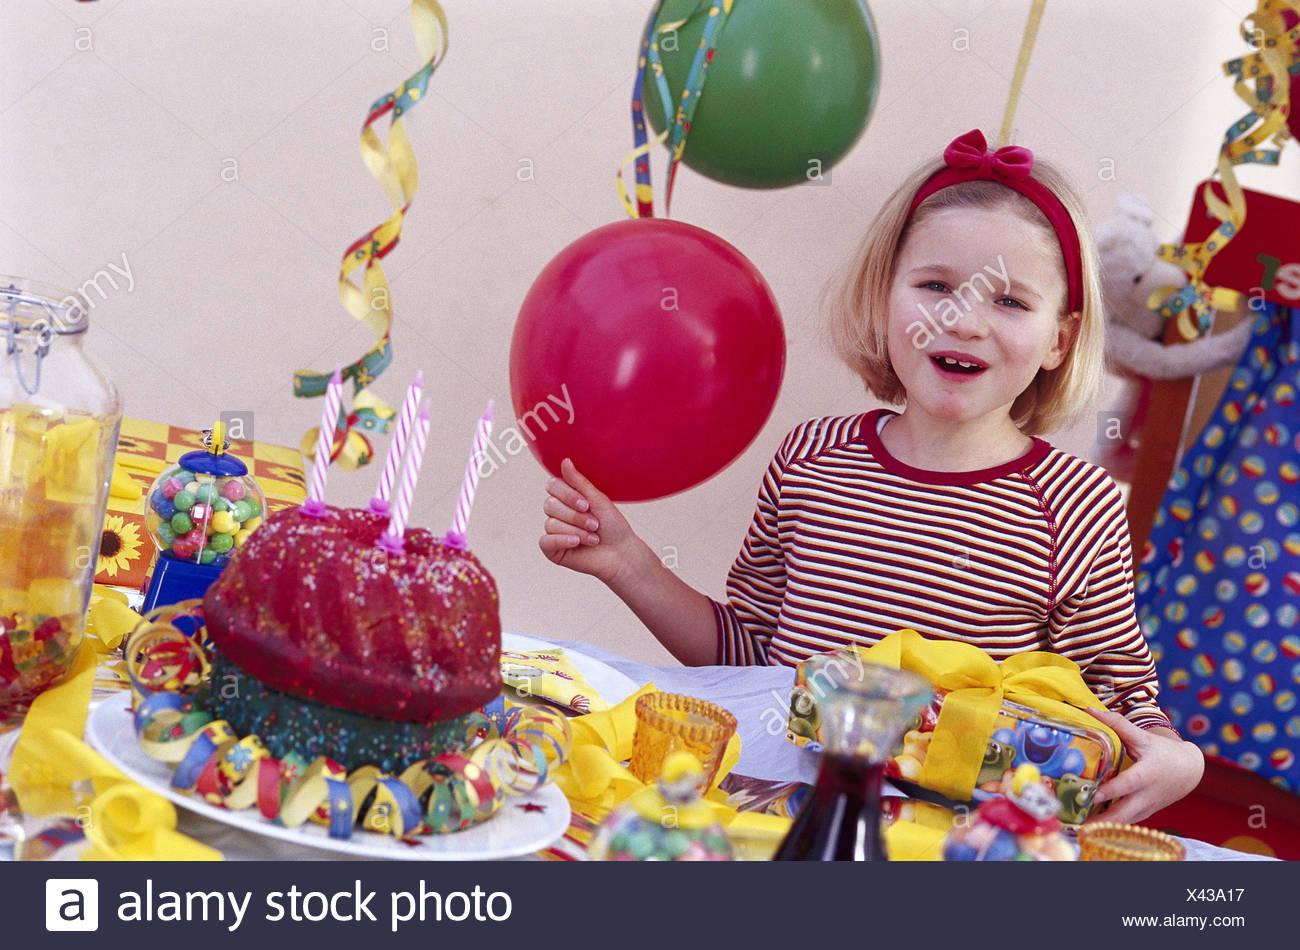 Ou Feter Anniversaire 7 Ans.Des Anniversaires Girl Portrait Demi Heure Actuelle Rire